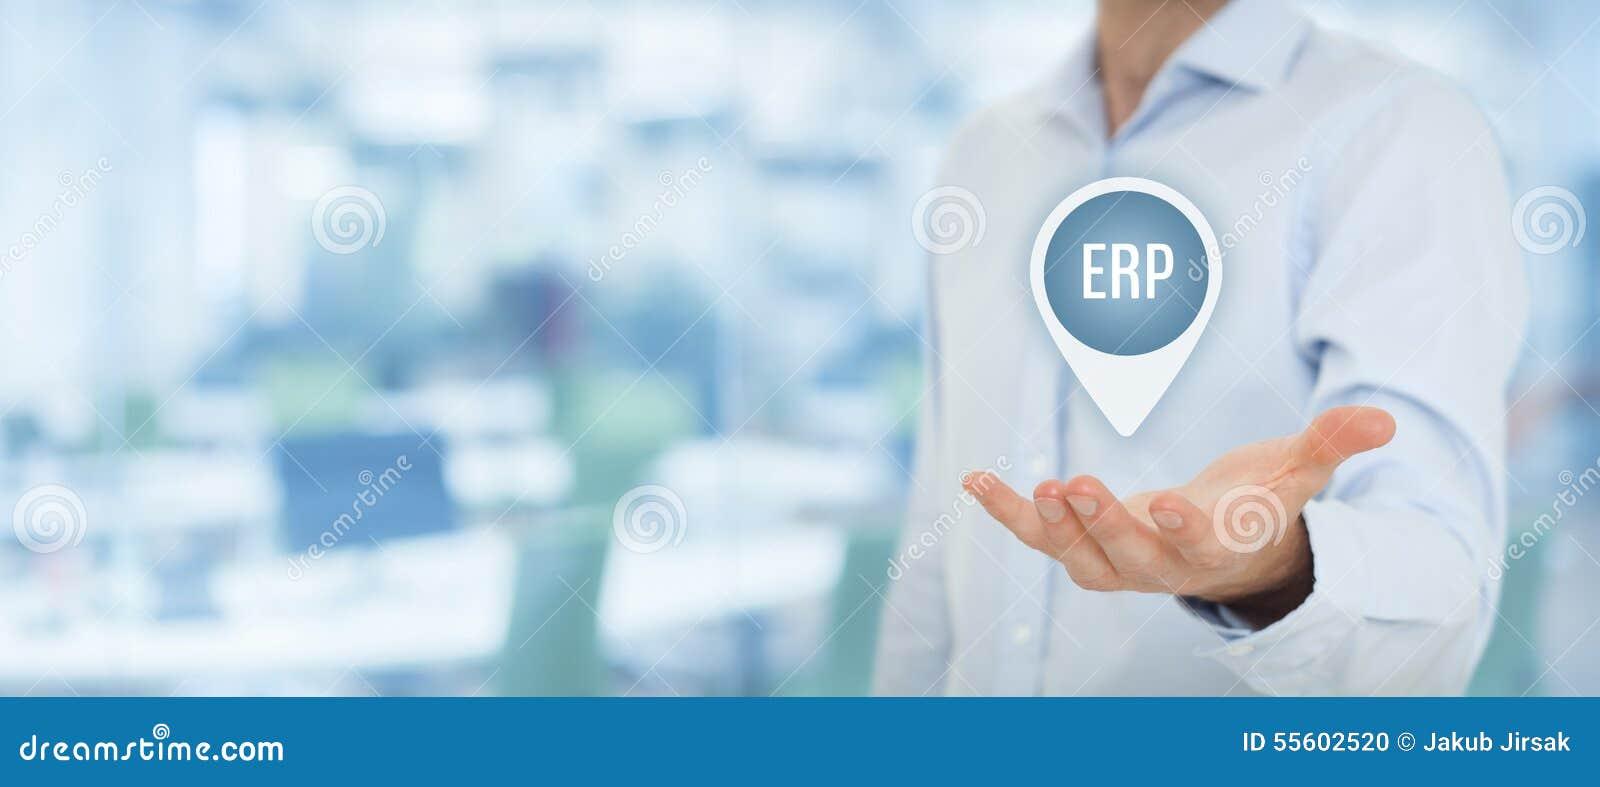 ресурс запланирования erp предпринимательства